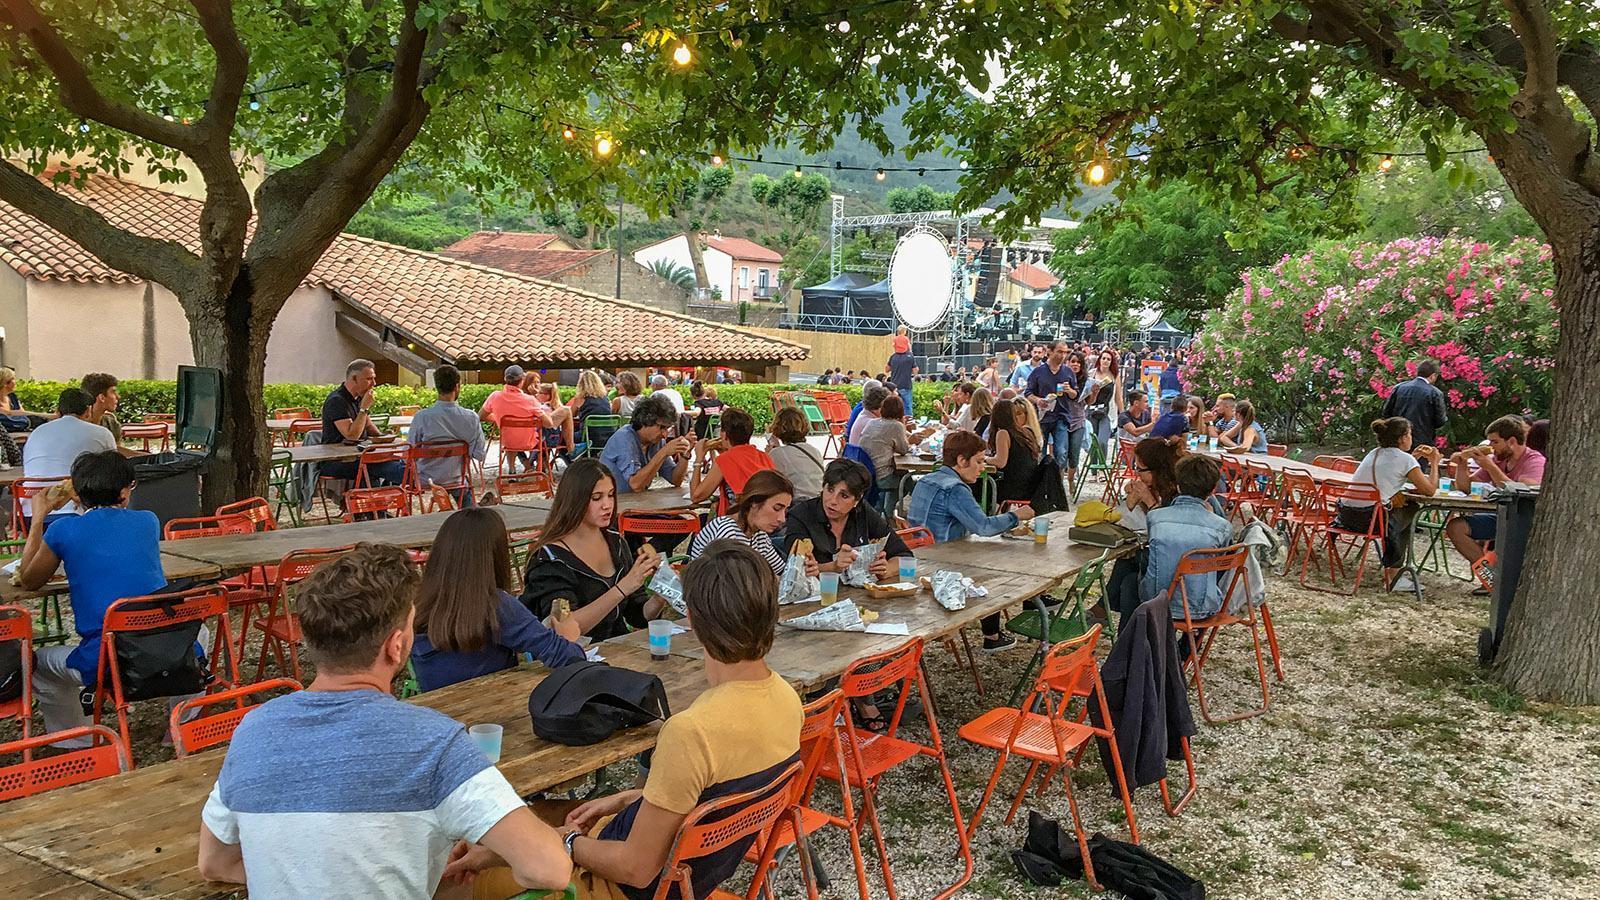 Voix de Femmes: Gemeinsam wird unter freiem Himmel gegessen und getrunken. Foto: Hilke Maunder